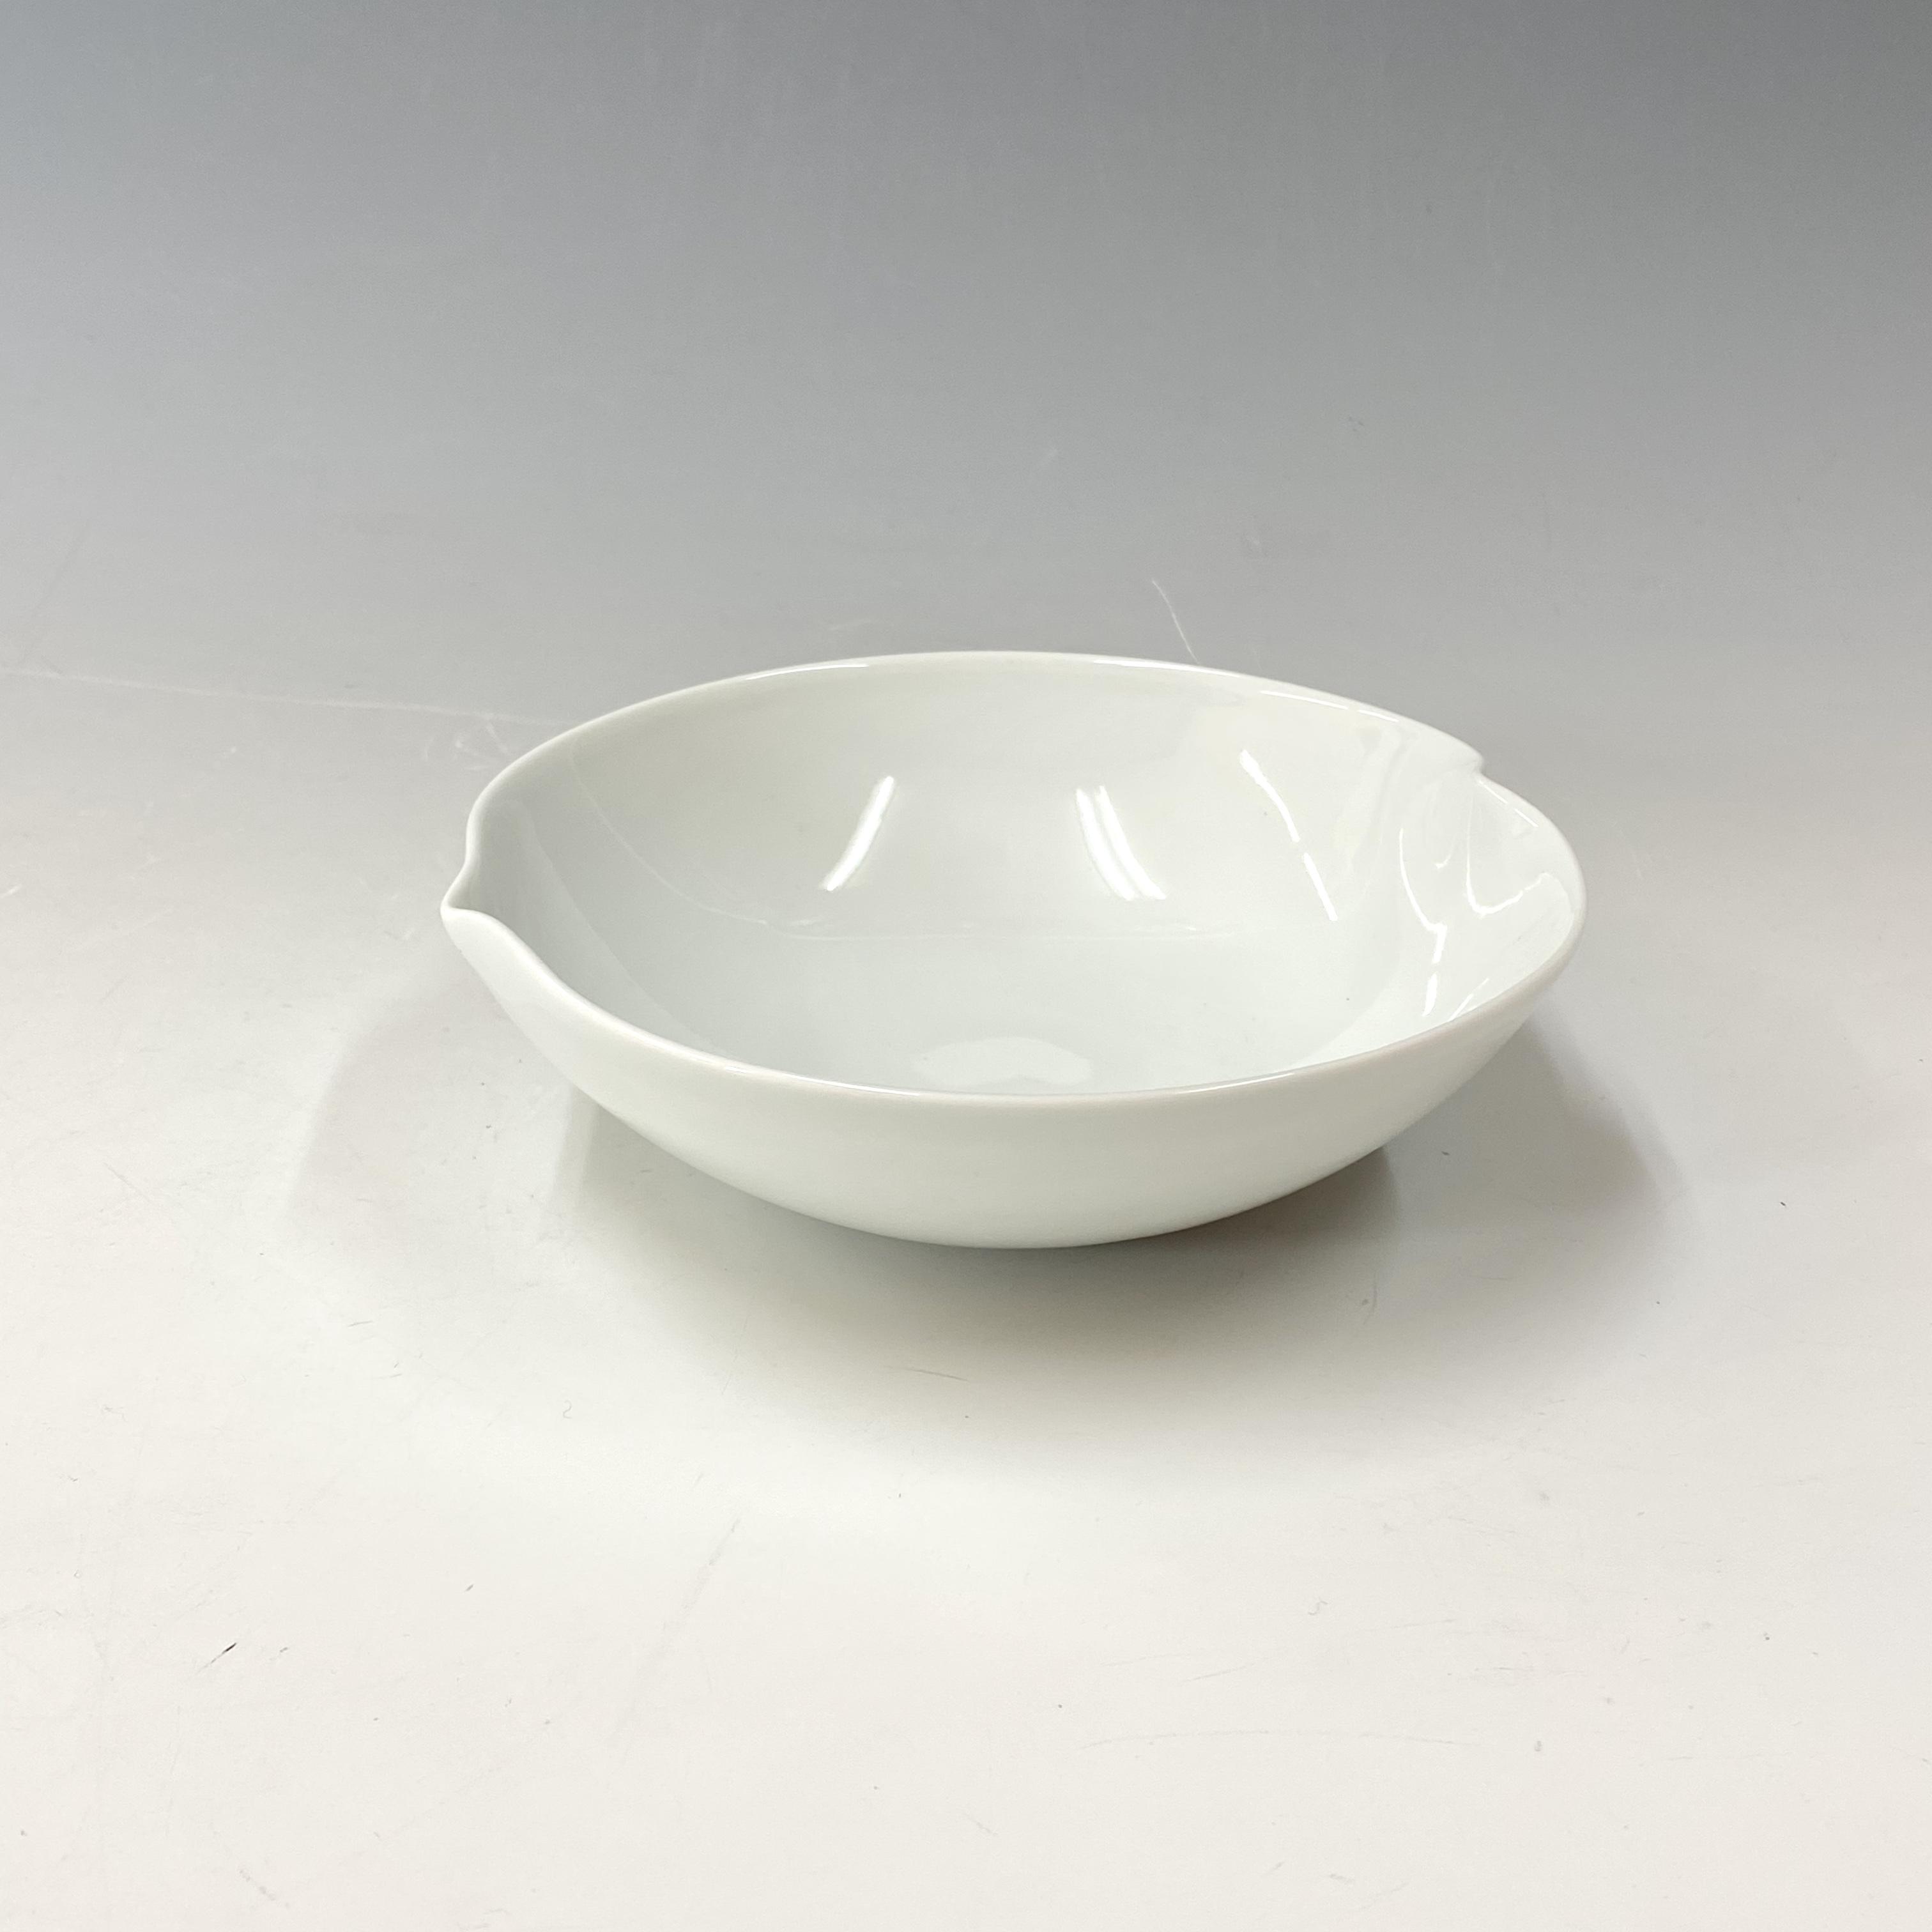 【中尾恭純】白磁多用鉢